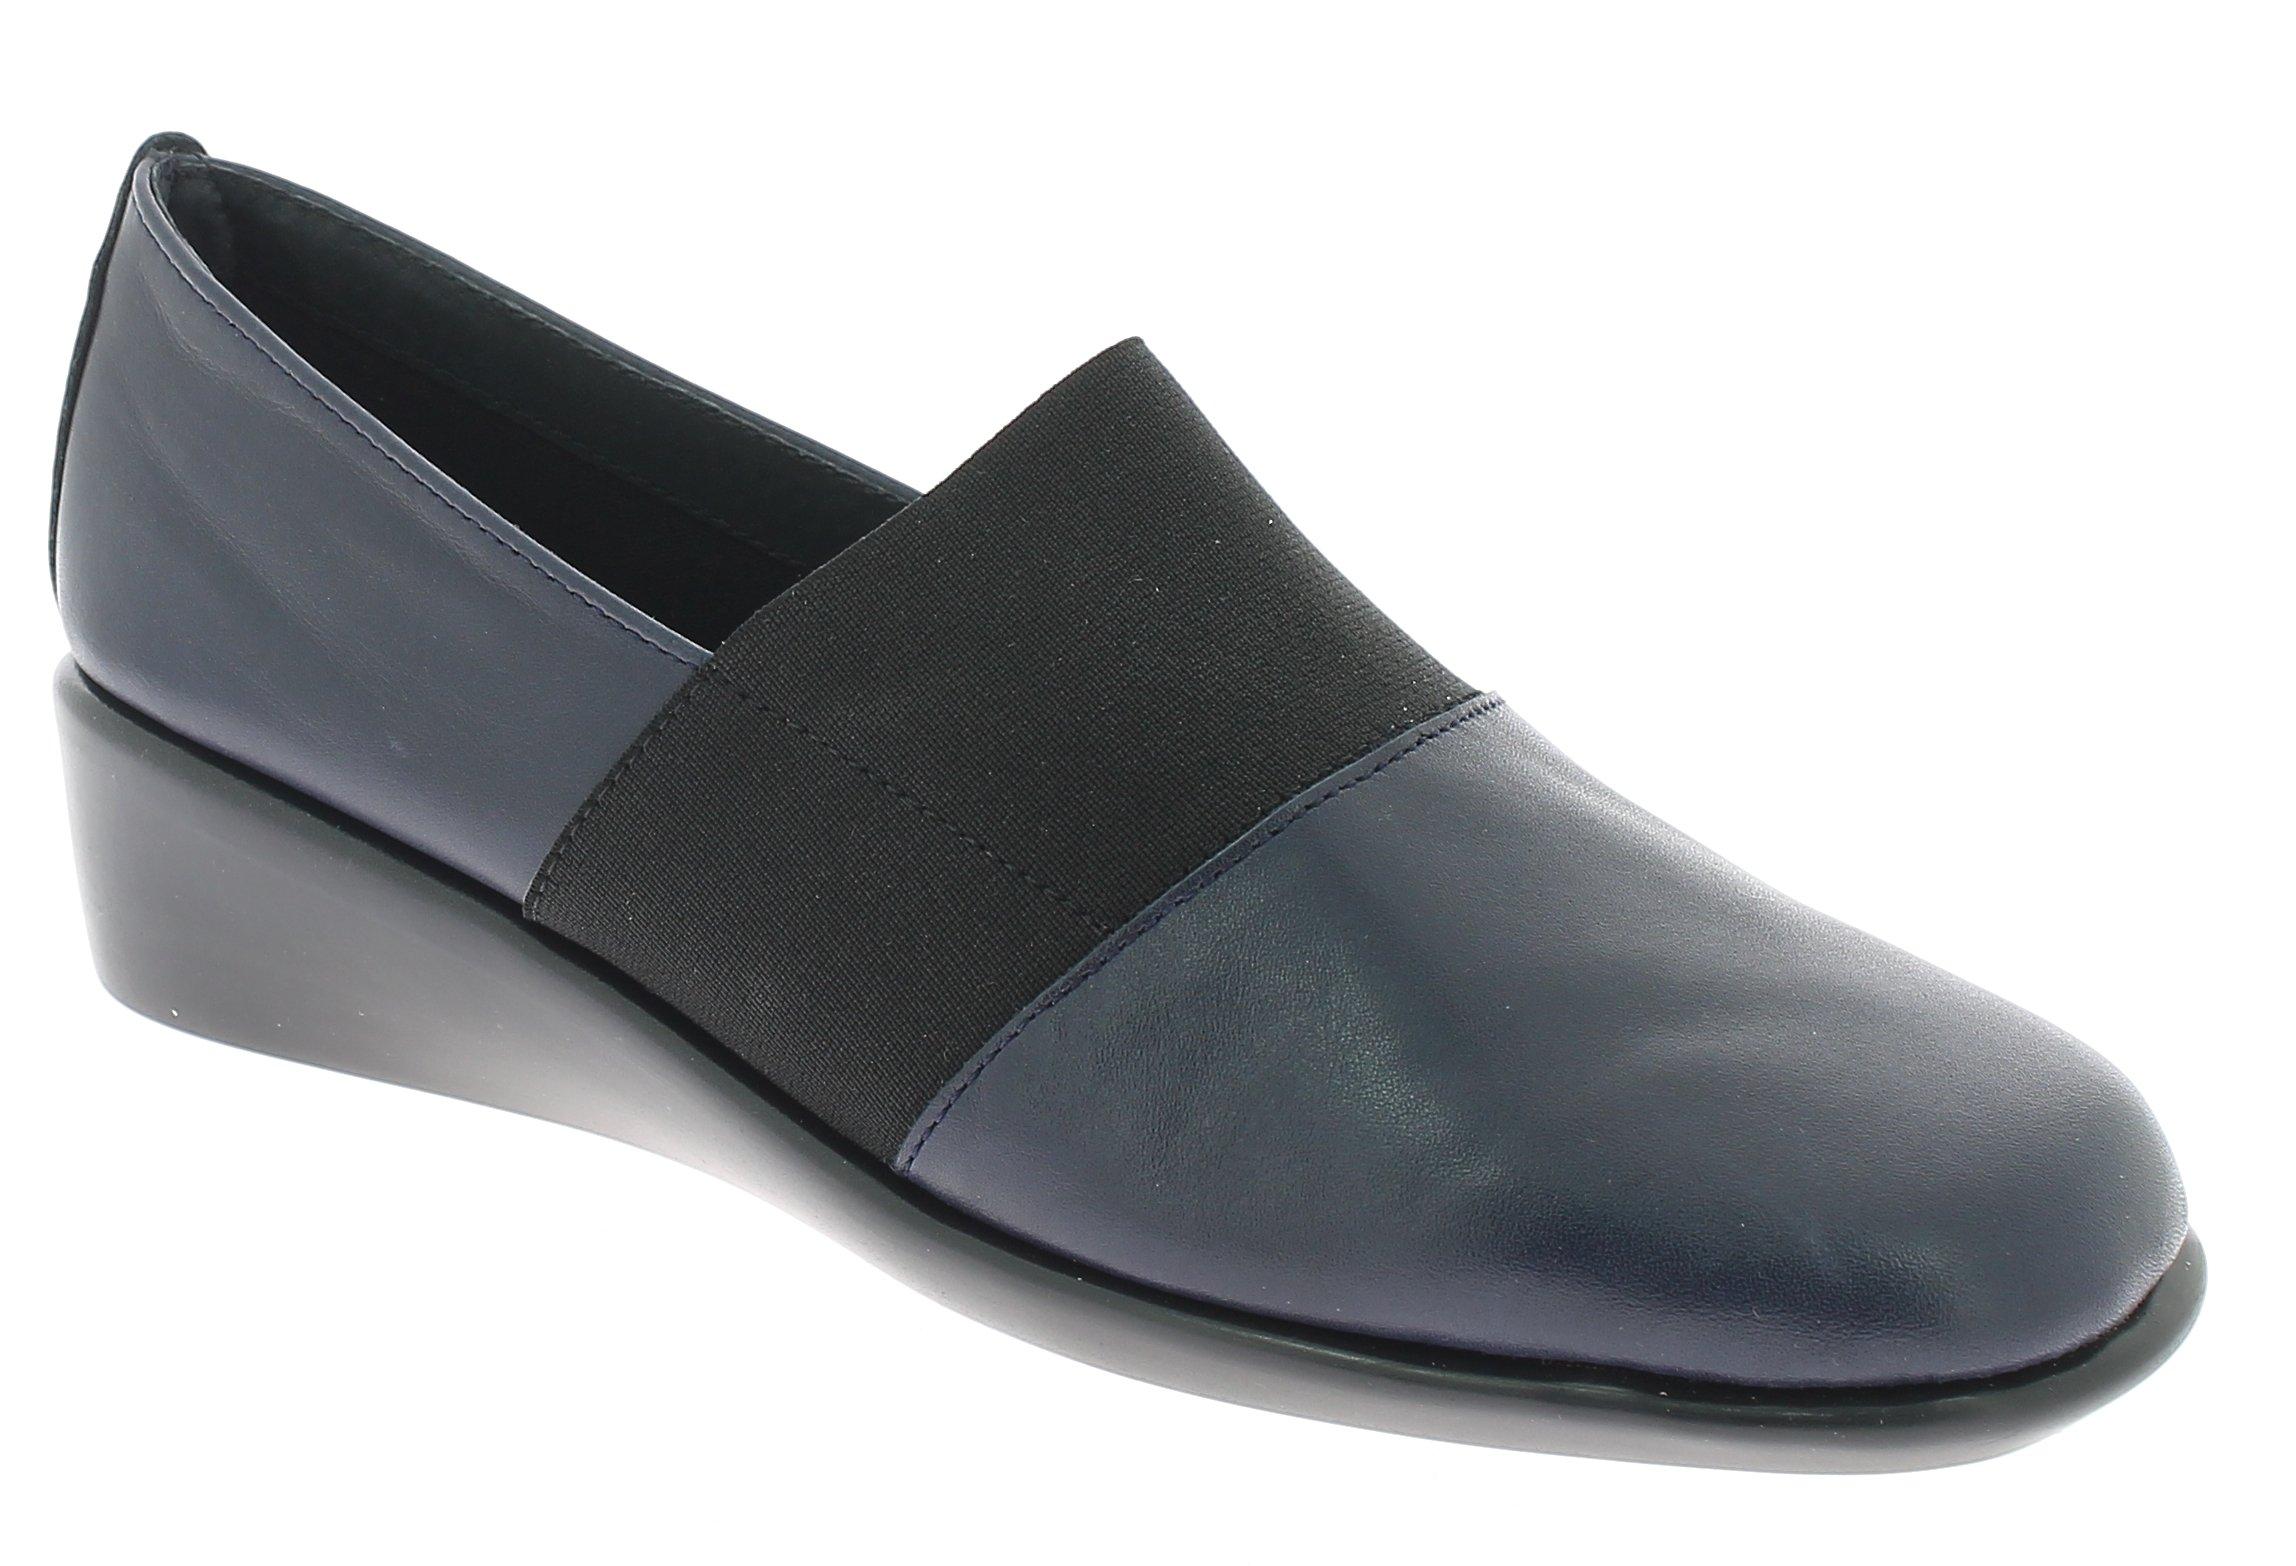 SOFT & FLEX Γυναικείο Comfort BOUNTI BL5665 Μπλε - IqShoes - BL5665 BOUNTI BLUE- παπούτσια  new in